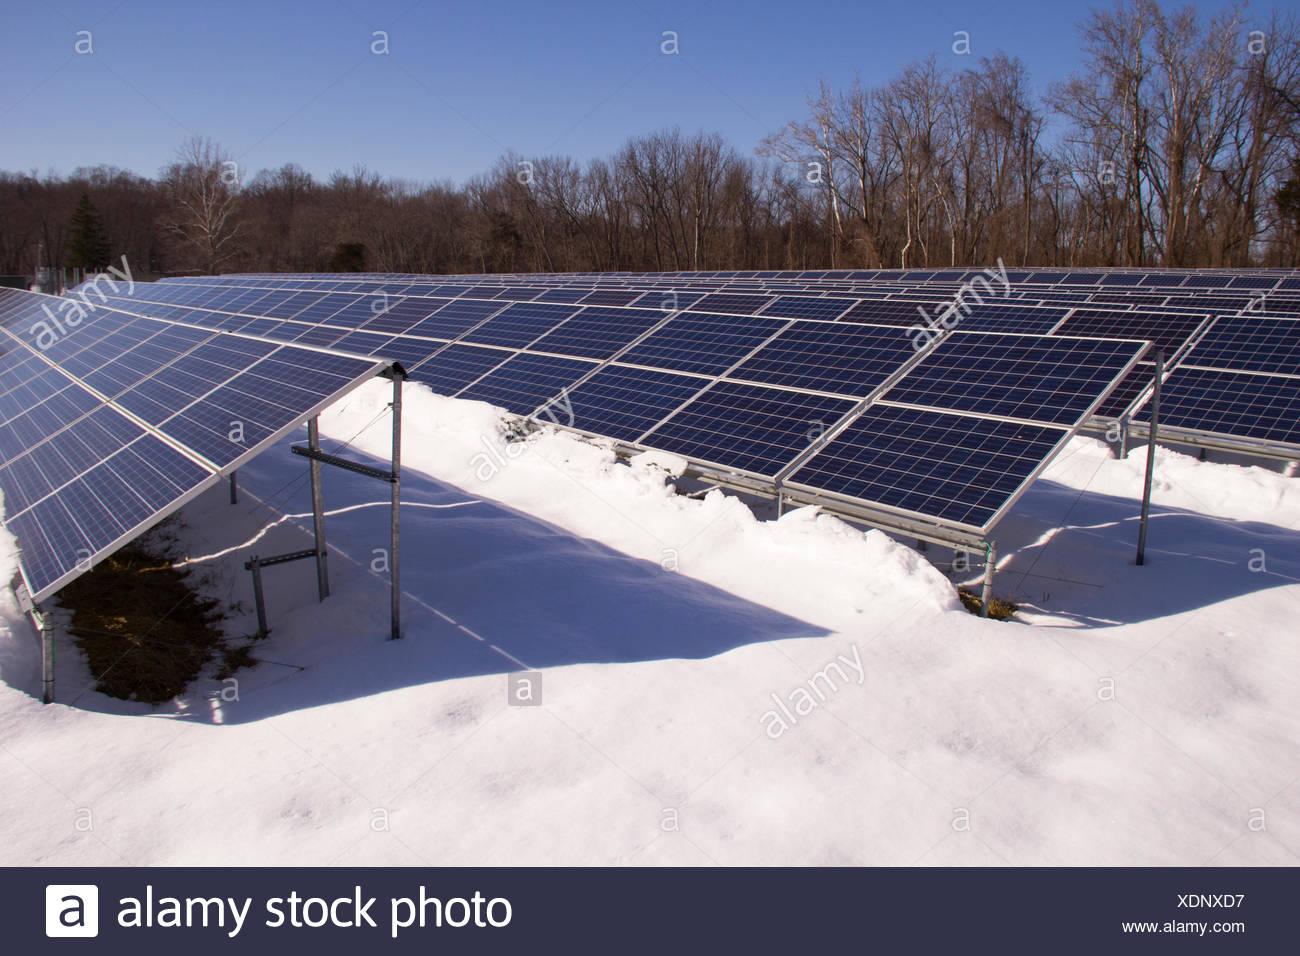 Un campo de paneles solares en un día de invierno. Imagen De Stock